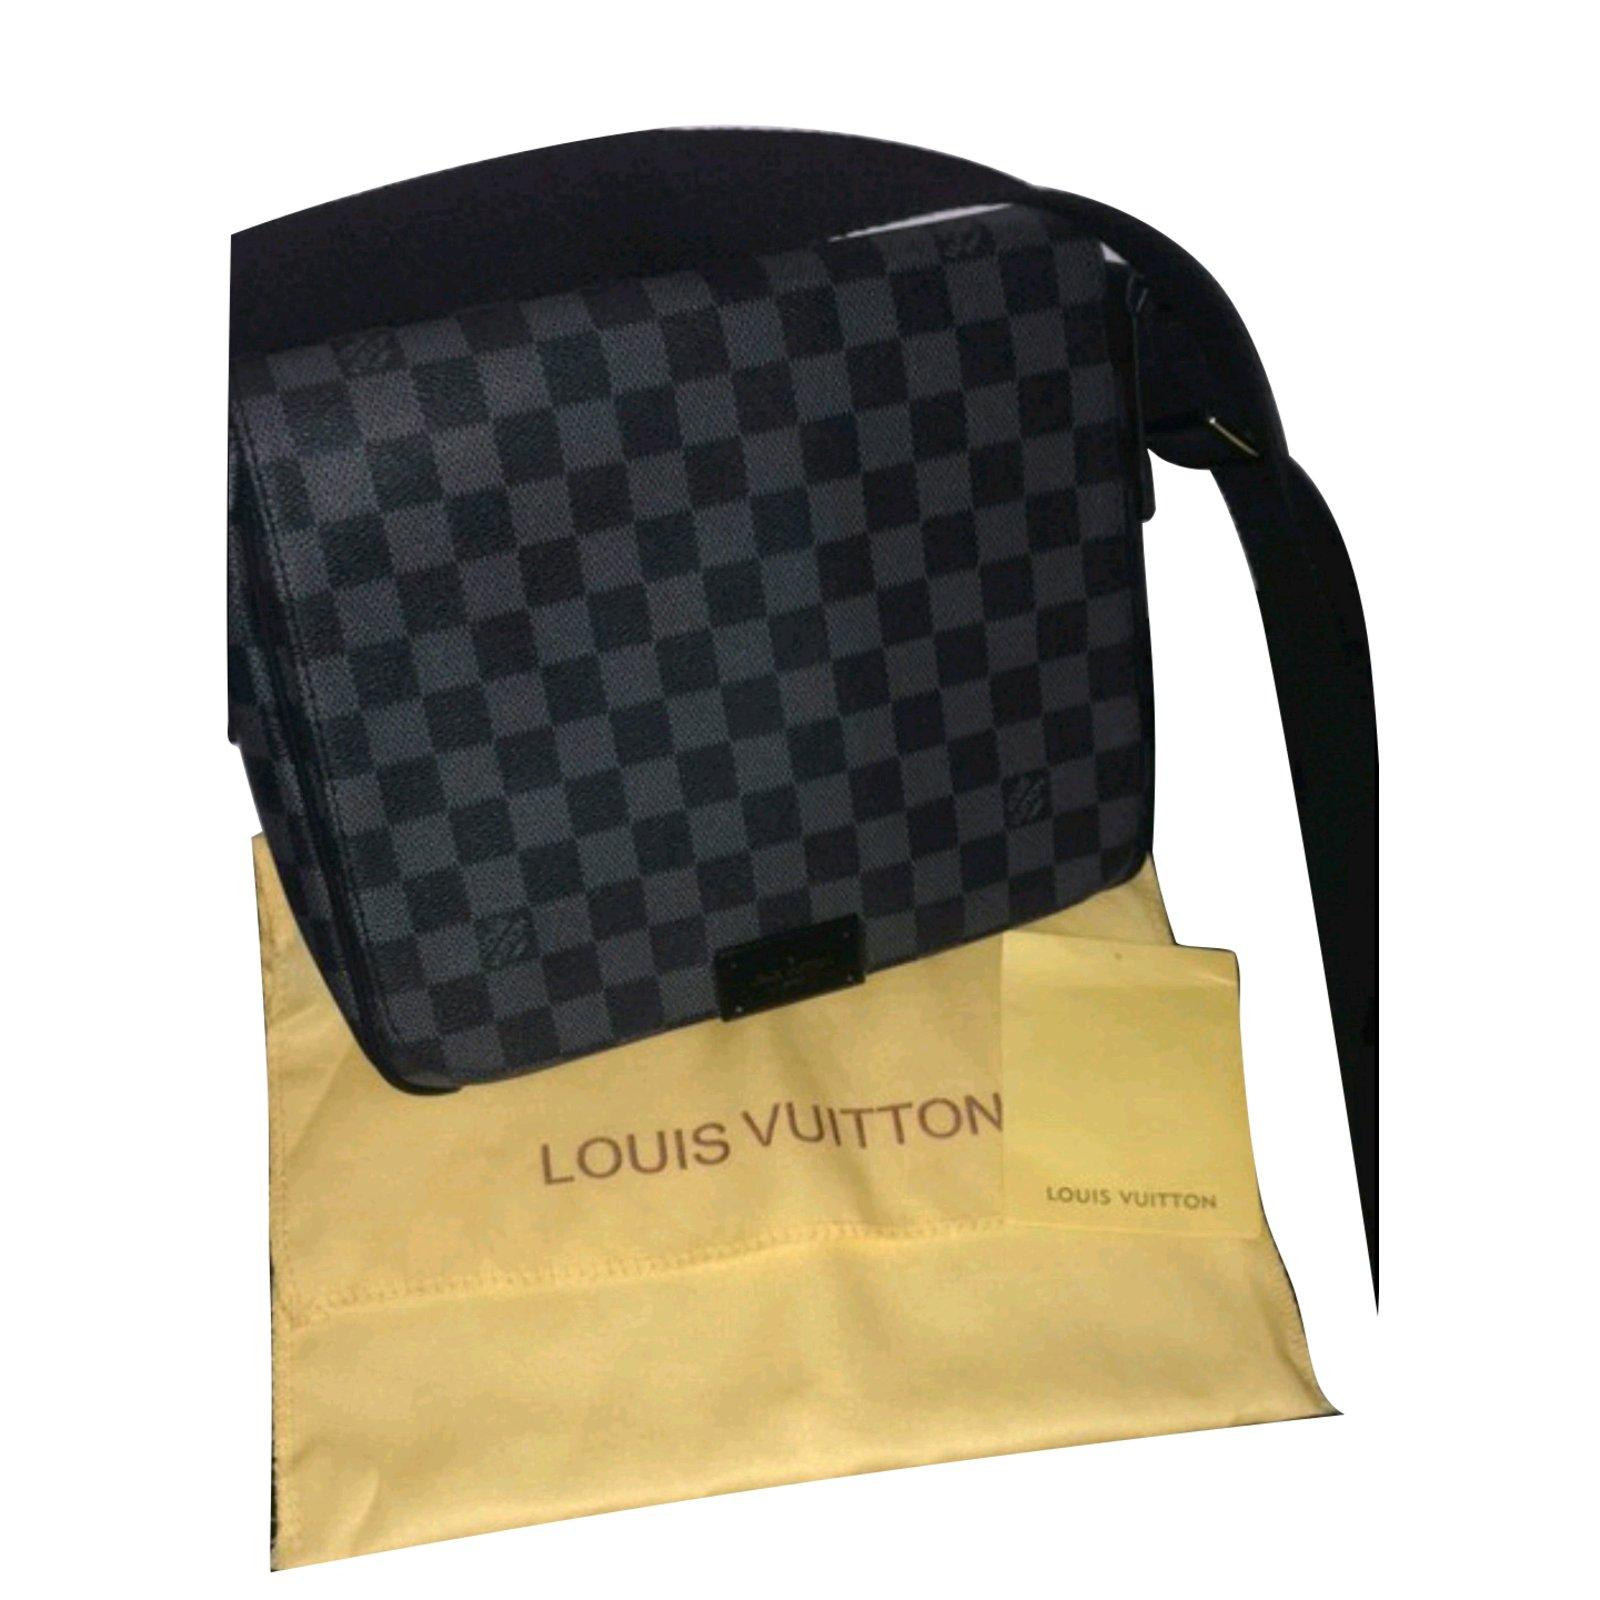 e3d07b23577 Sacs à main Louis Vuitton Sac louis Vuitton district motif damier Toile  Noir ref.45676